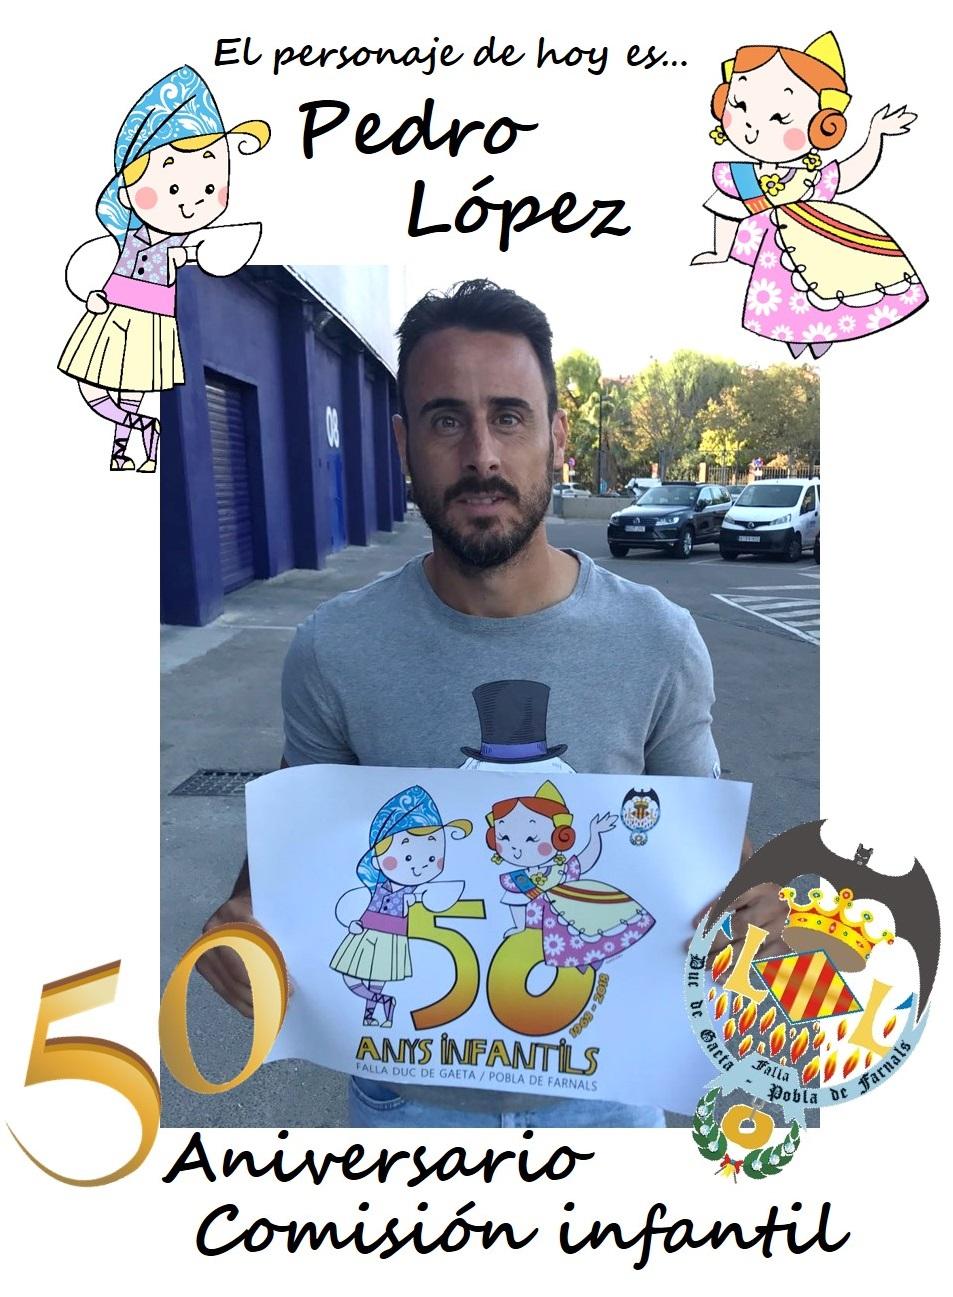 Personaje del día: Pedro López